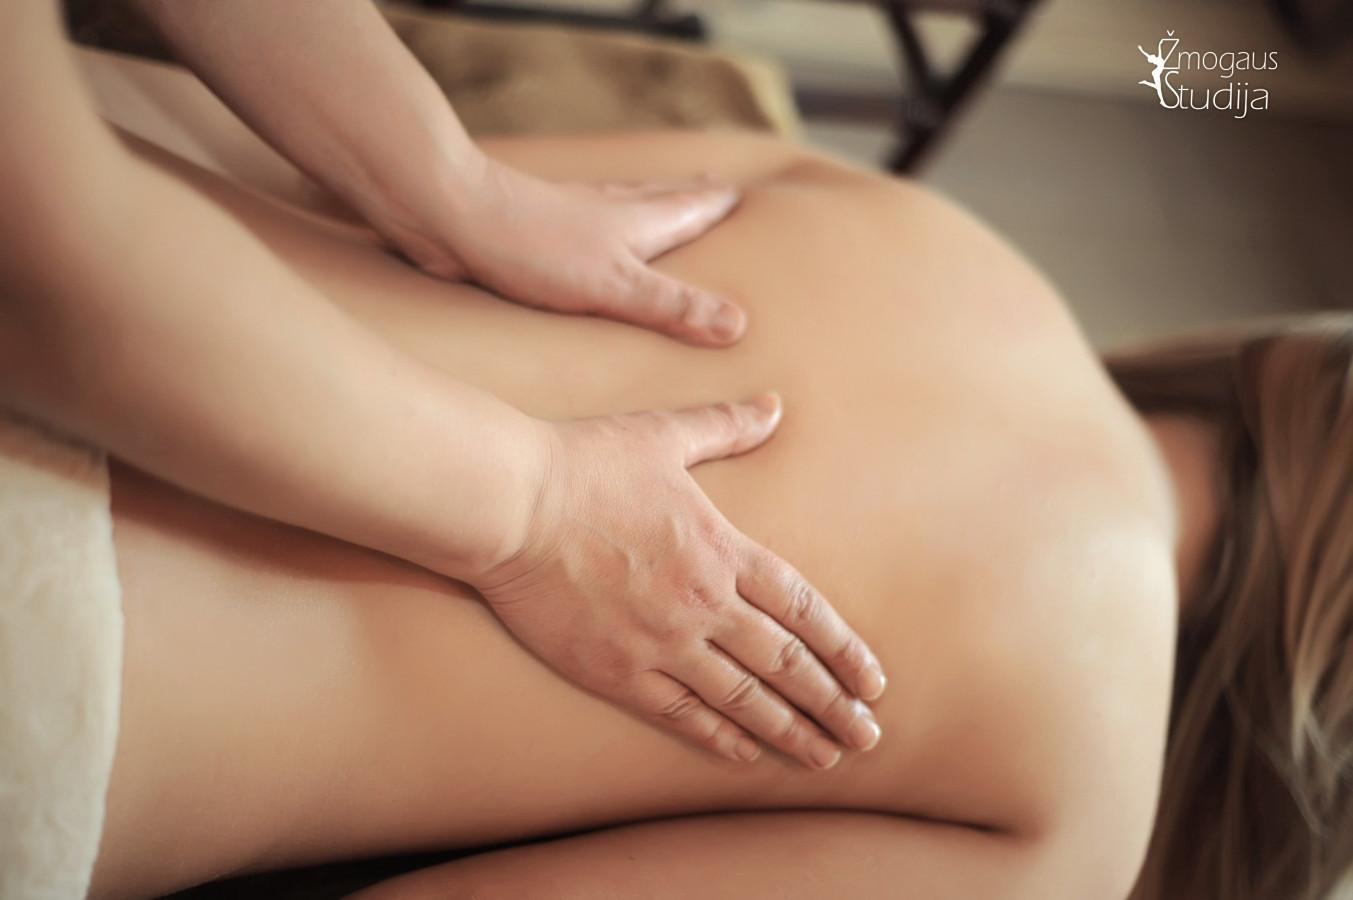 Nugaros masažas